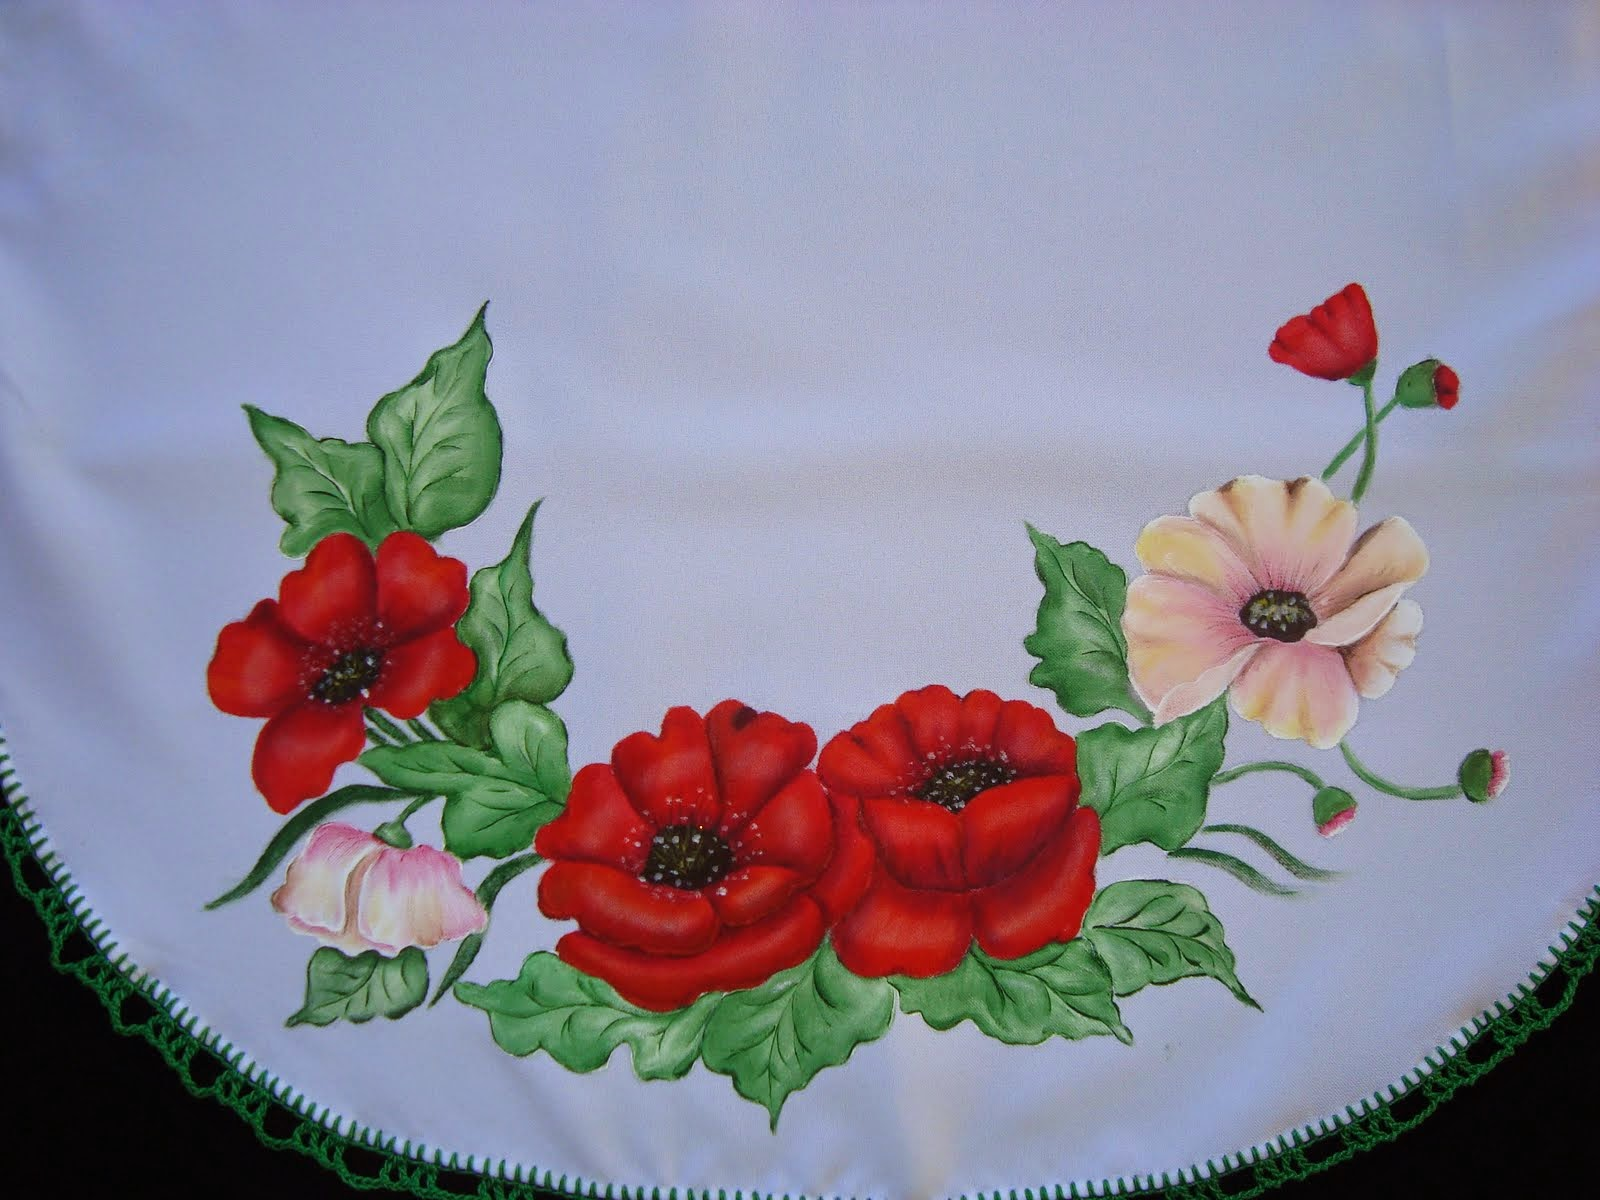 Ampa segura covars taller de pintura en tela - Pintura en tela motivos navidenos ...